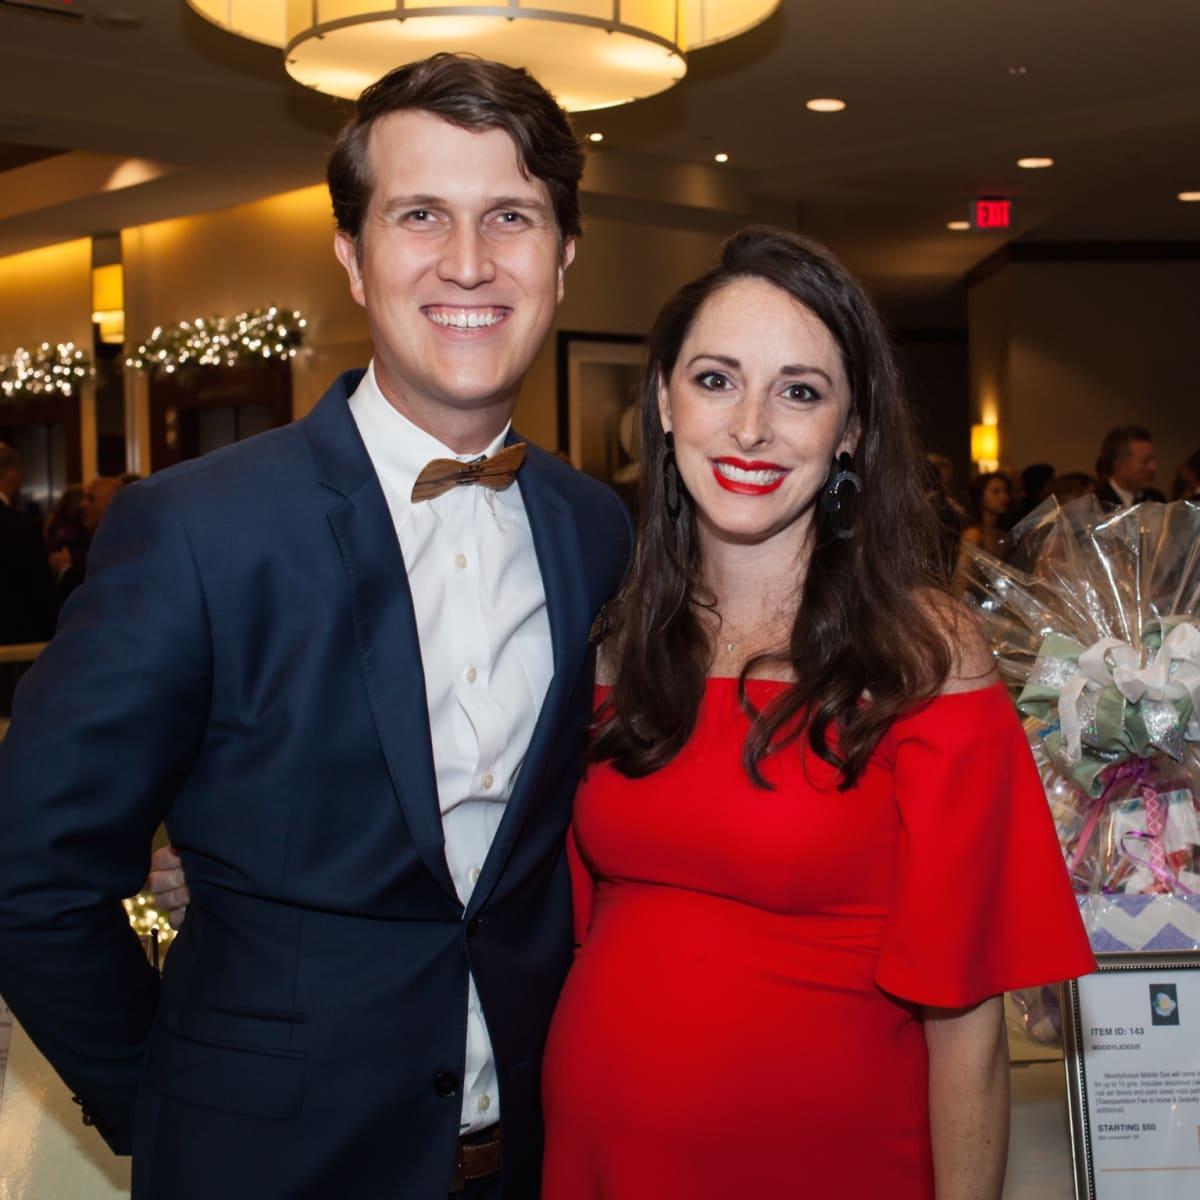 David and Lauren Baker at Elijah Rising Gala